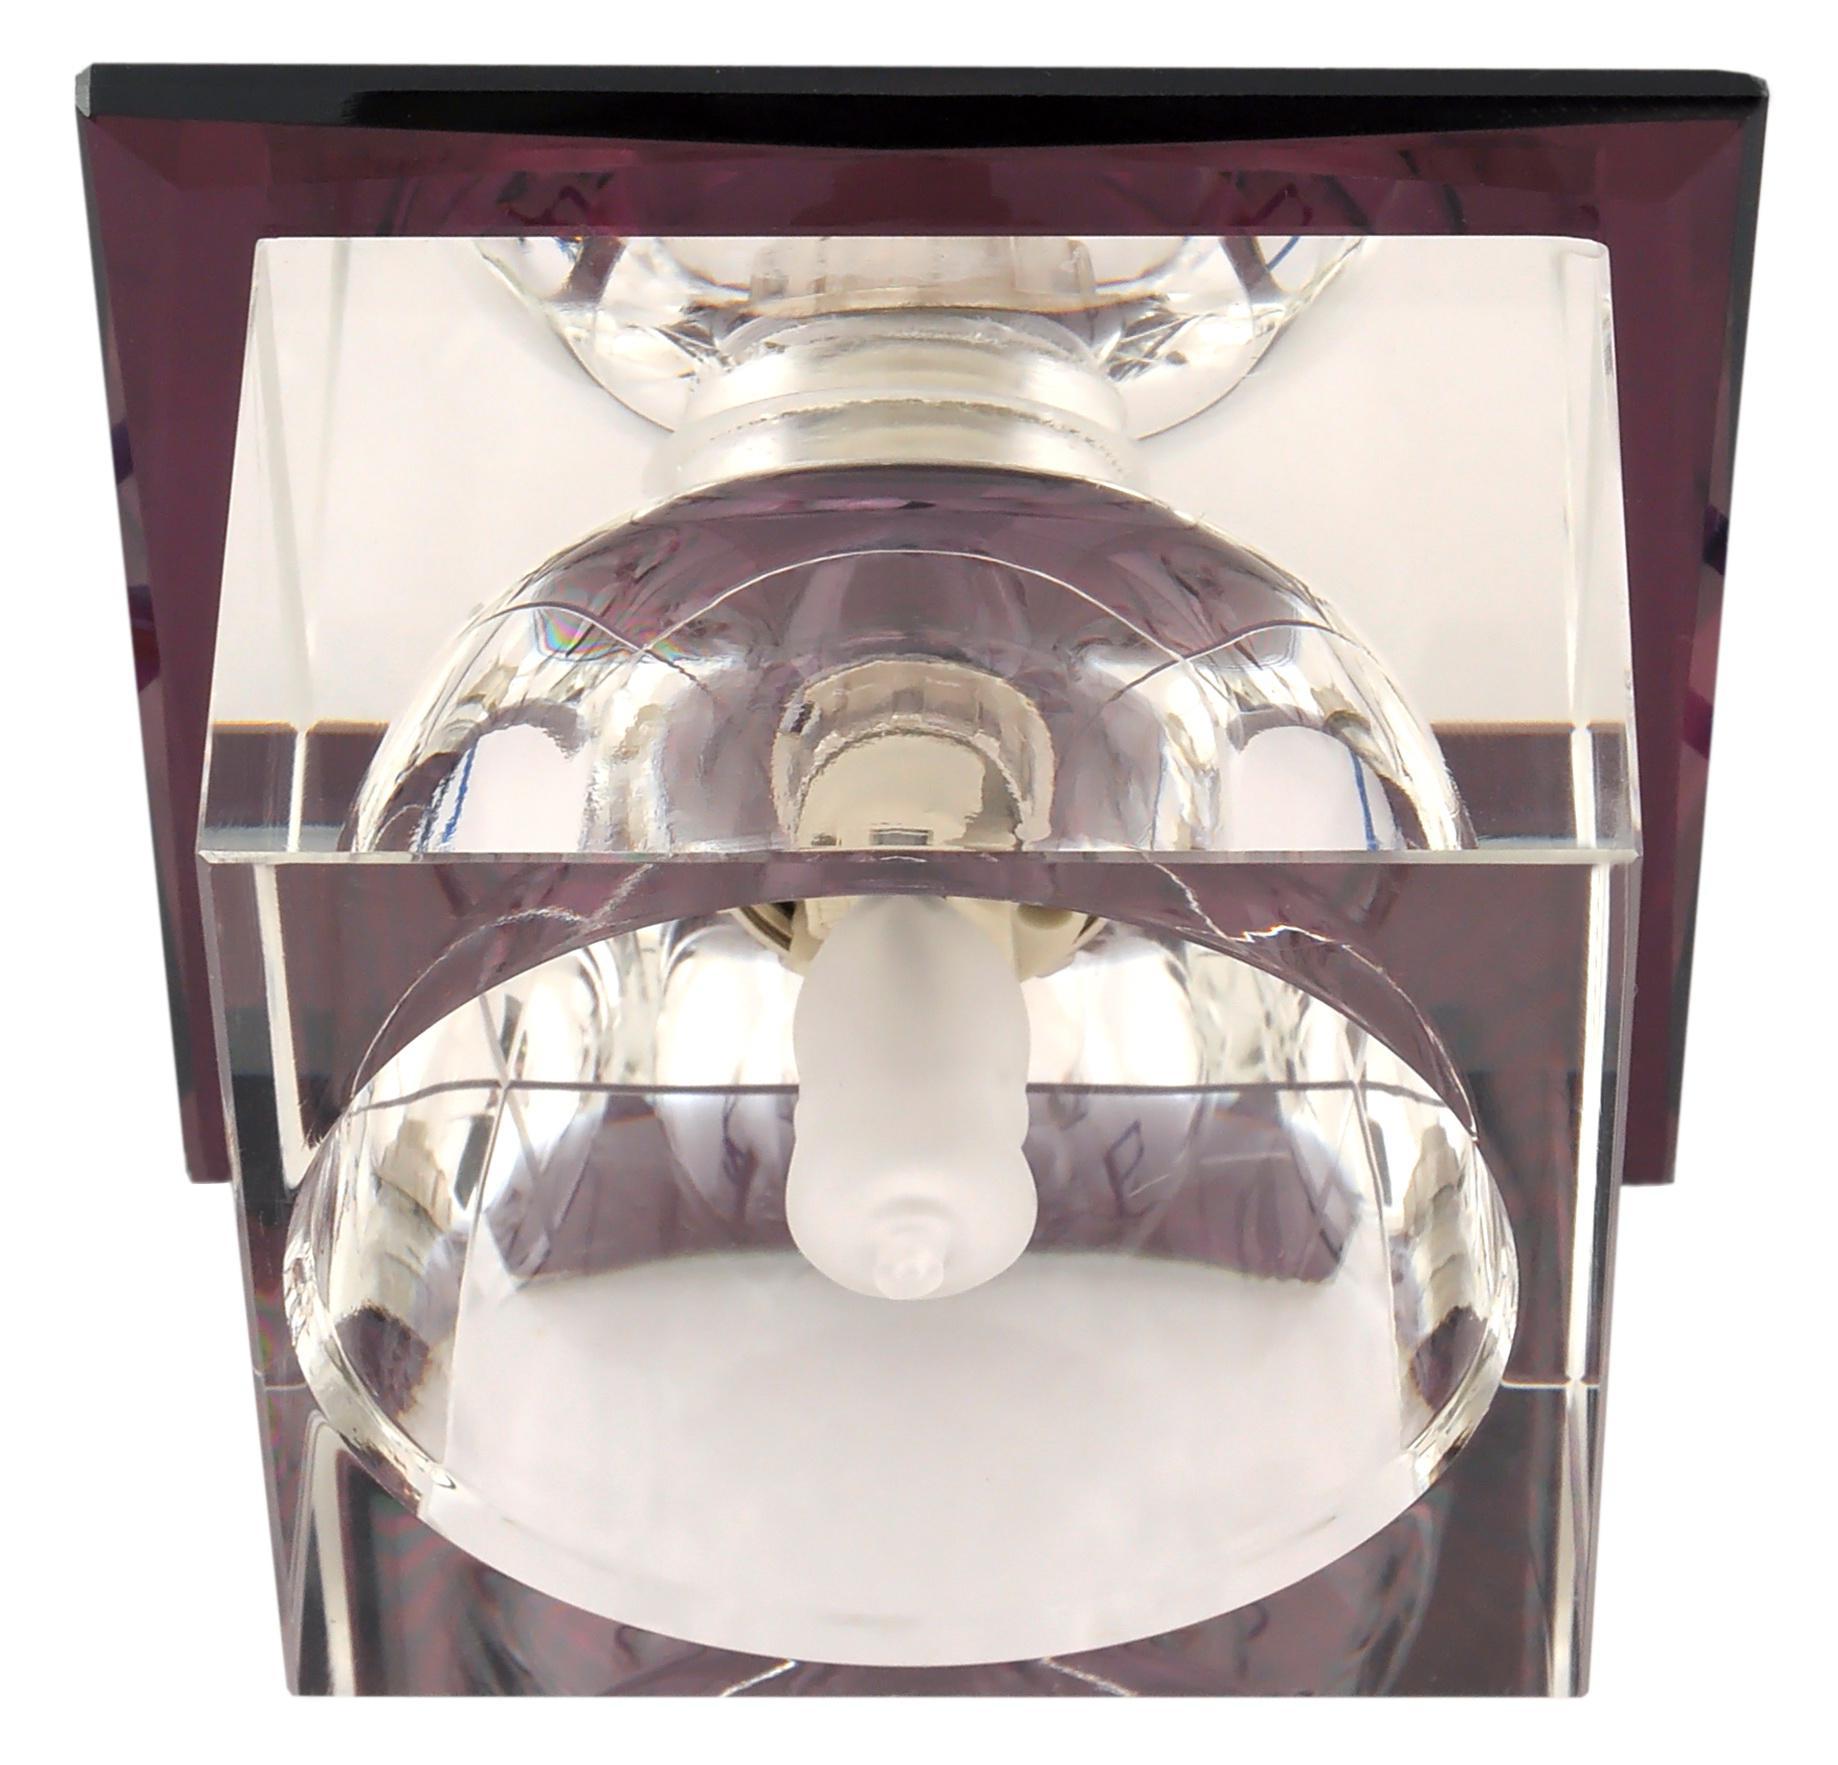 Светильник De fran Ft 9256 l куб серебро+сиреневый цены